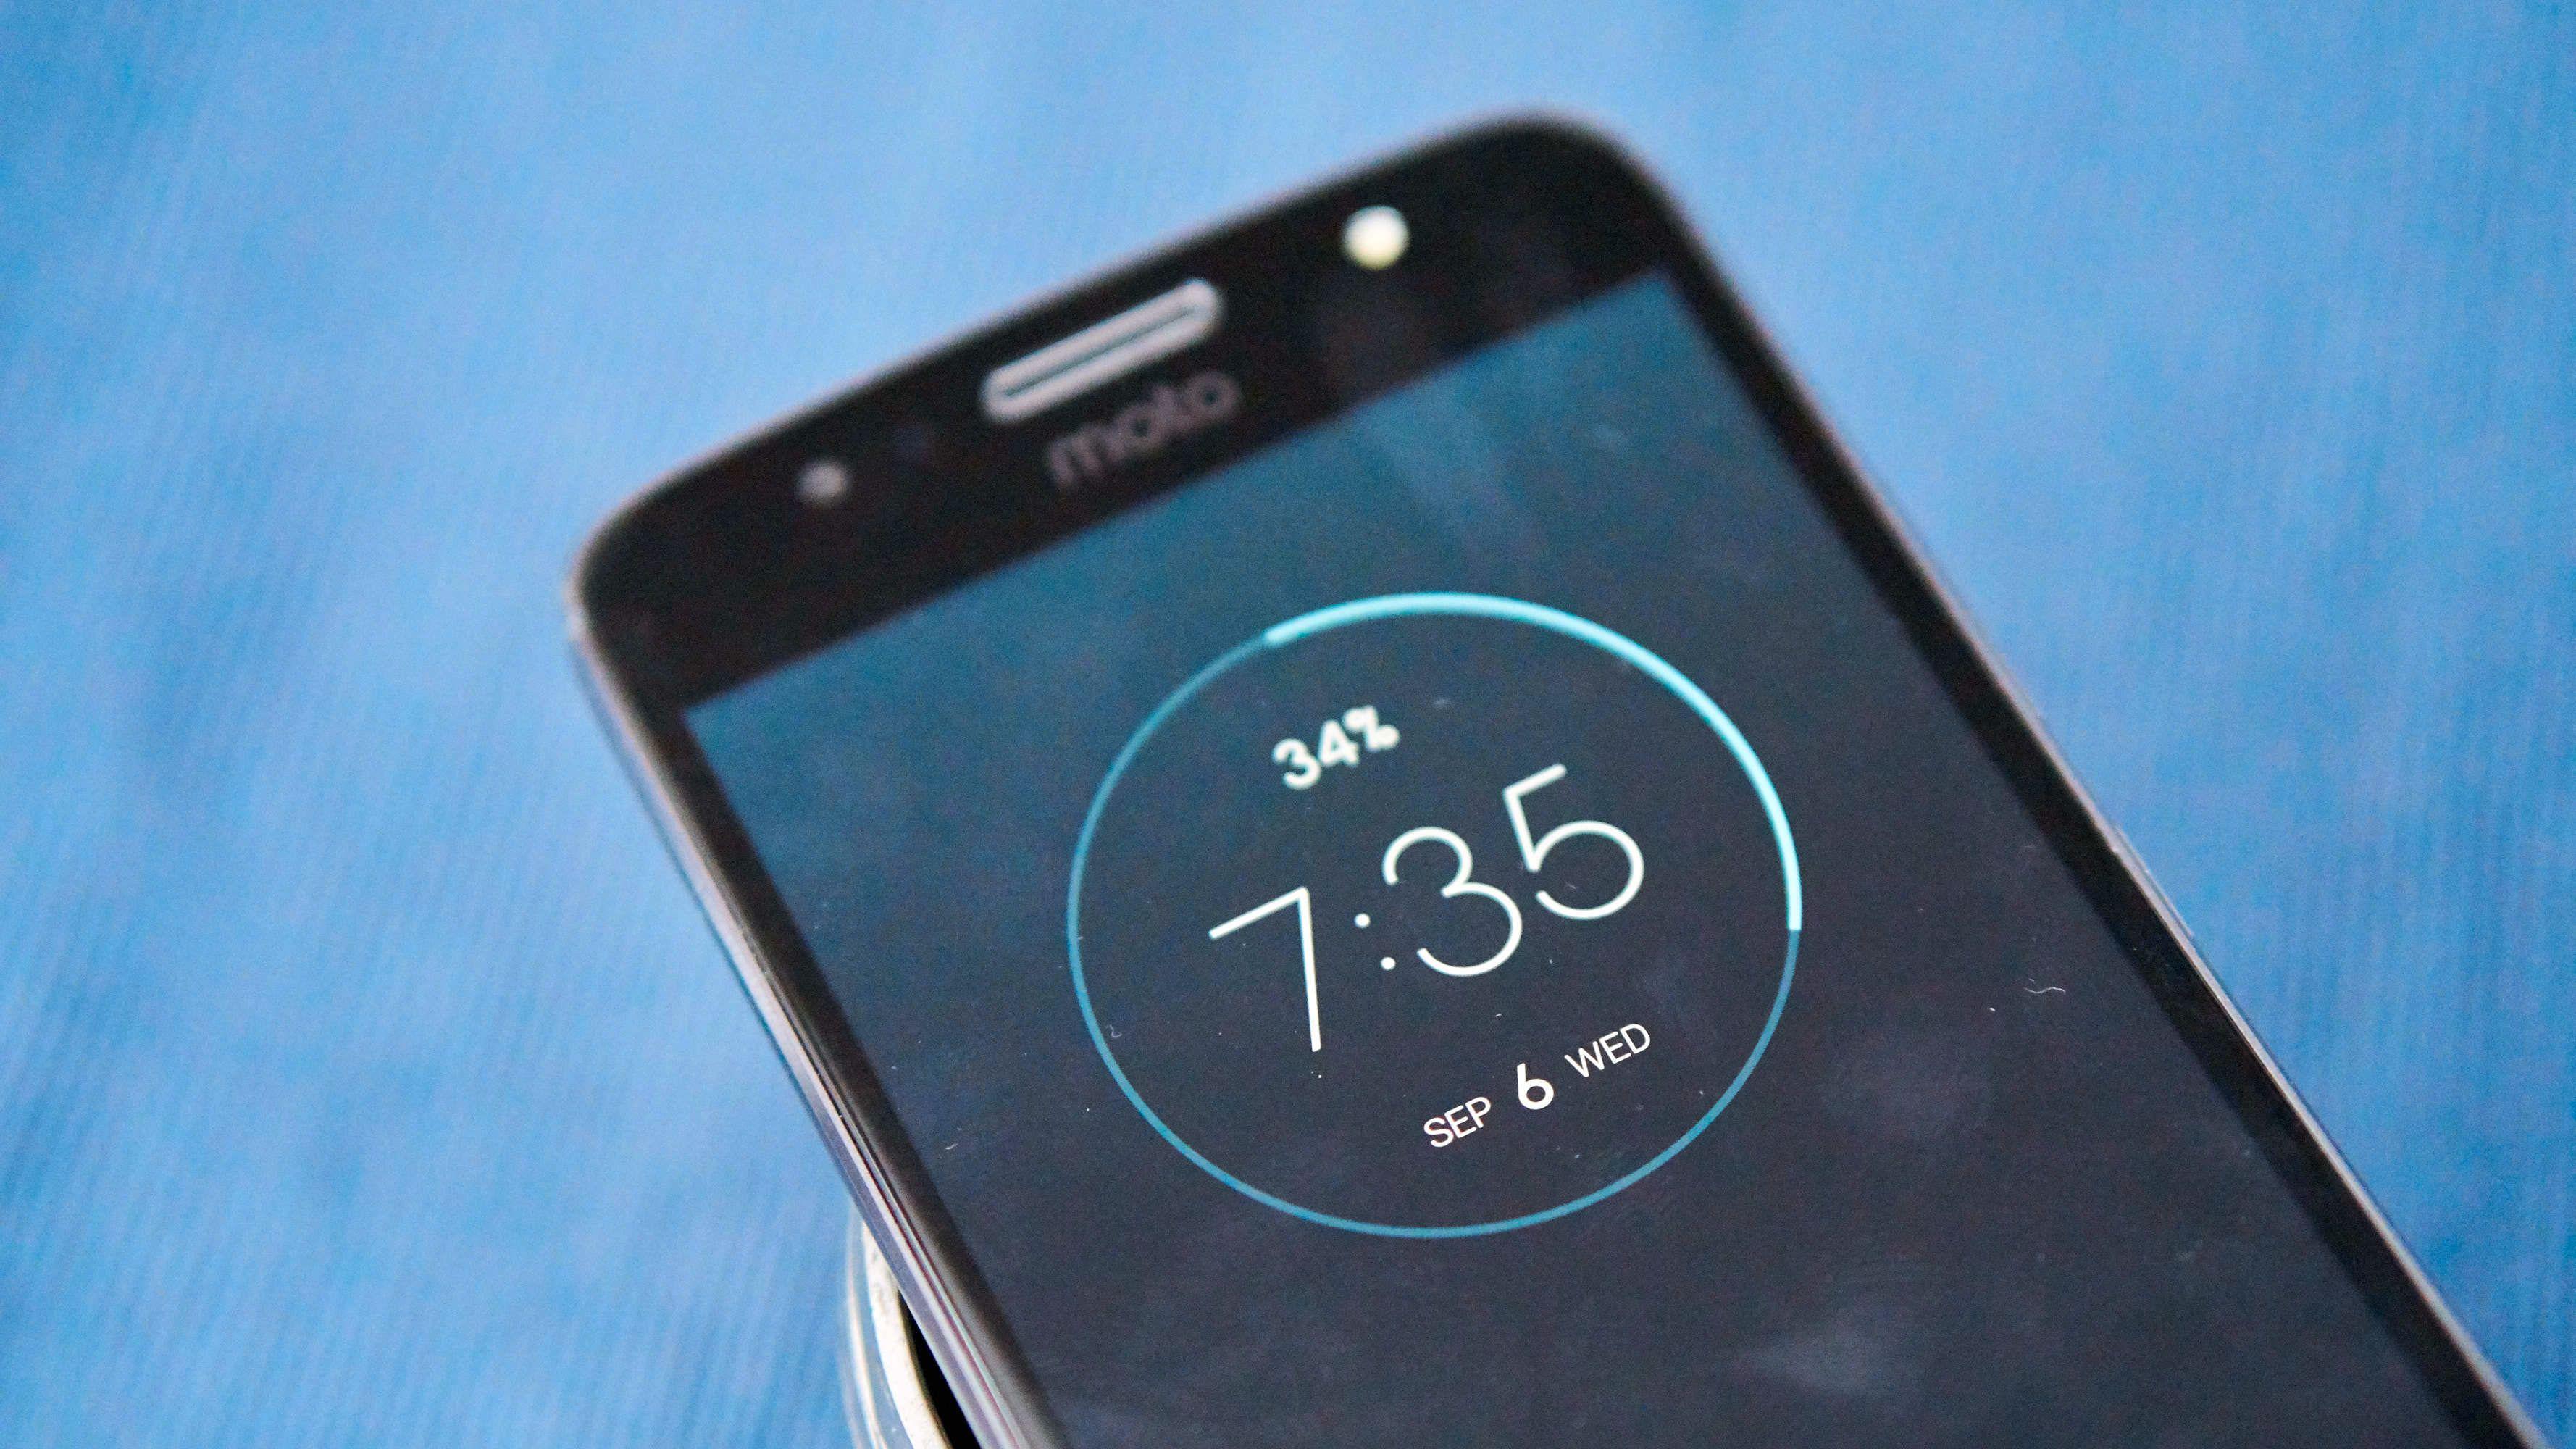 Løfter du opp telefonen eller veiver med hånda over låst skjerm, får du opp denne klokka og info om nye varsler...